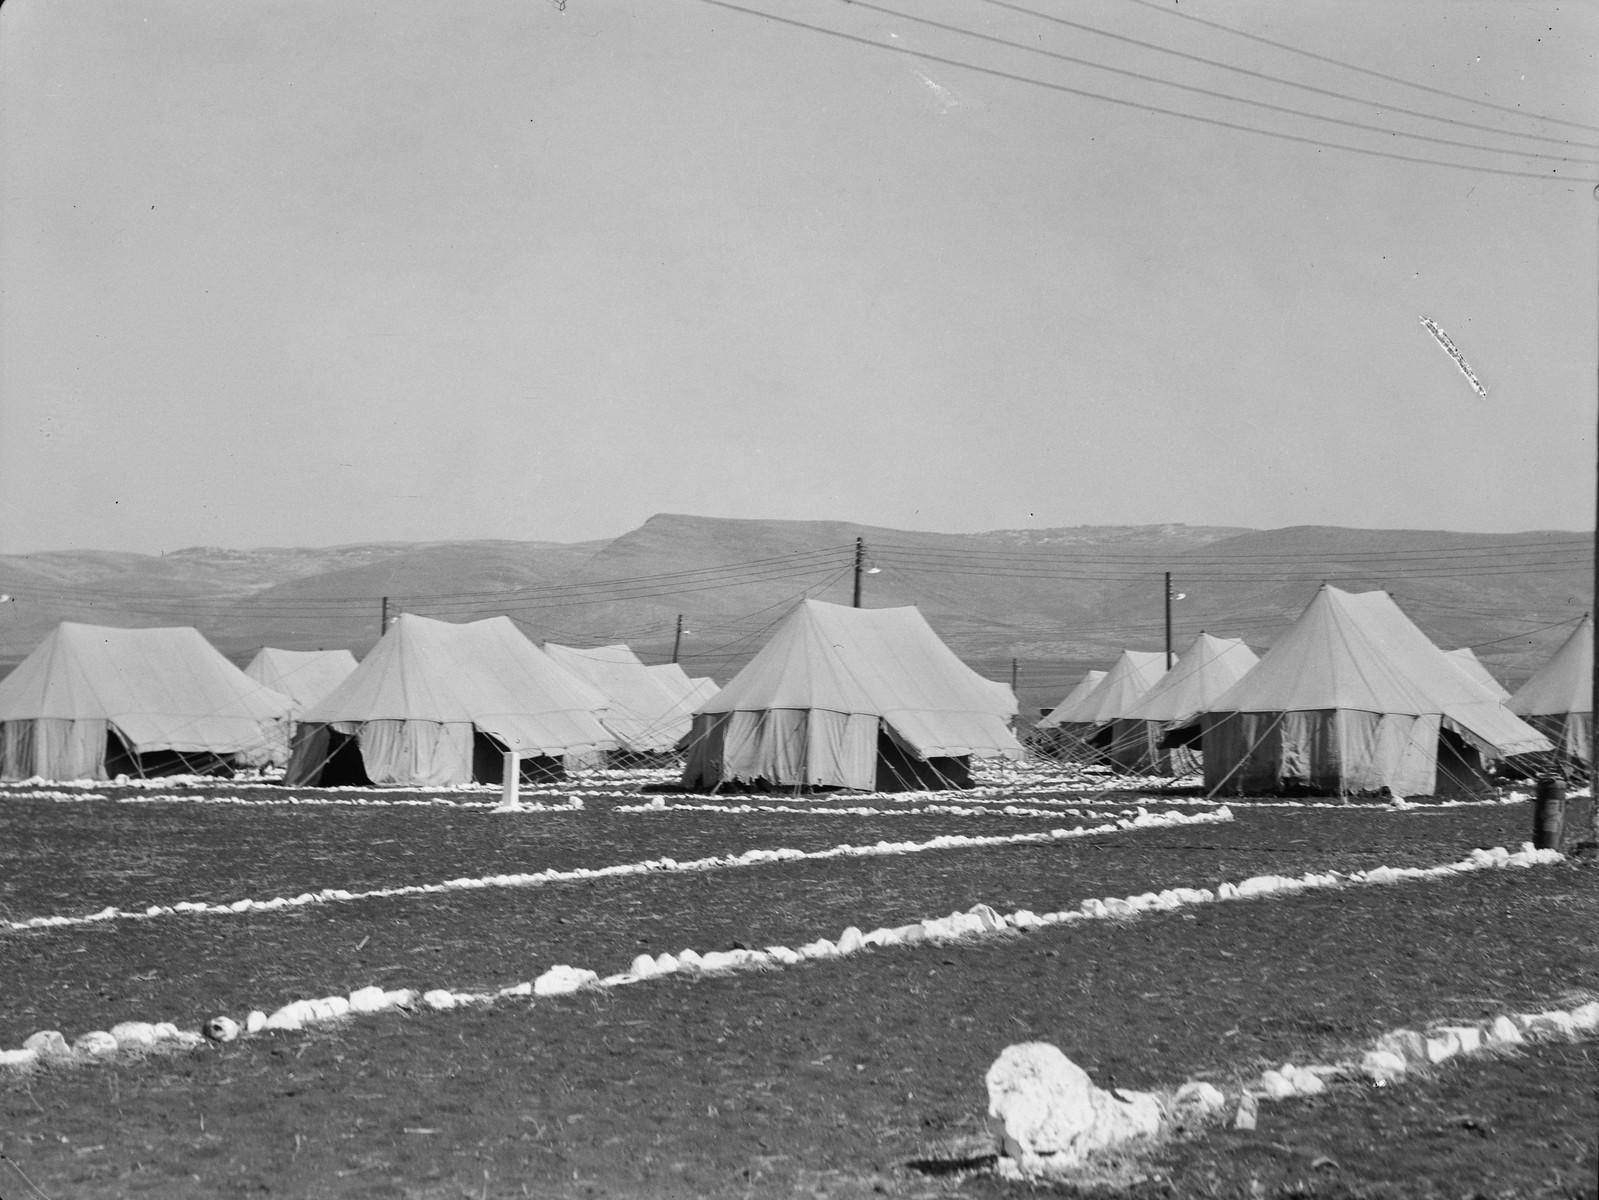 05. Лагерь IPC (Иракская нефтяная компания). Видны Назаретские холмы вдалеке